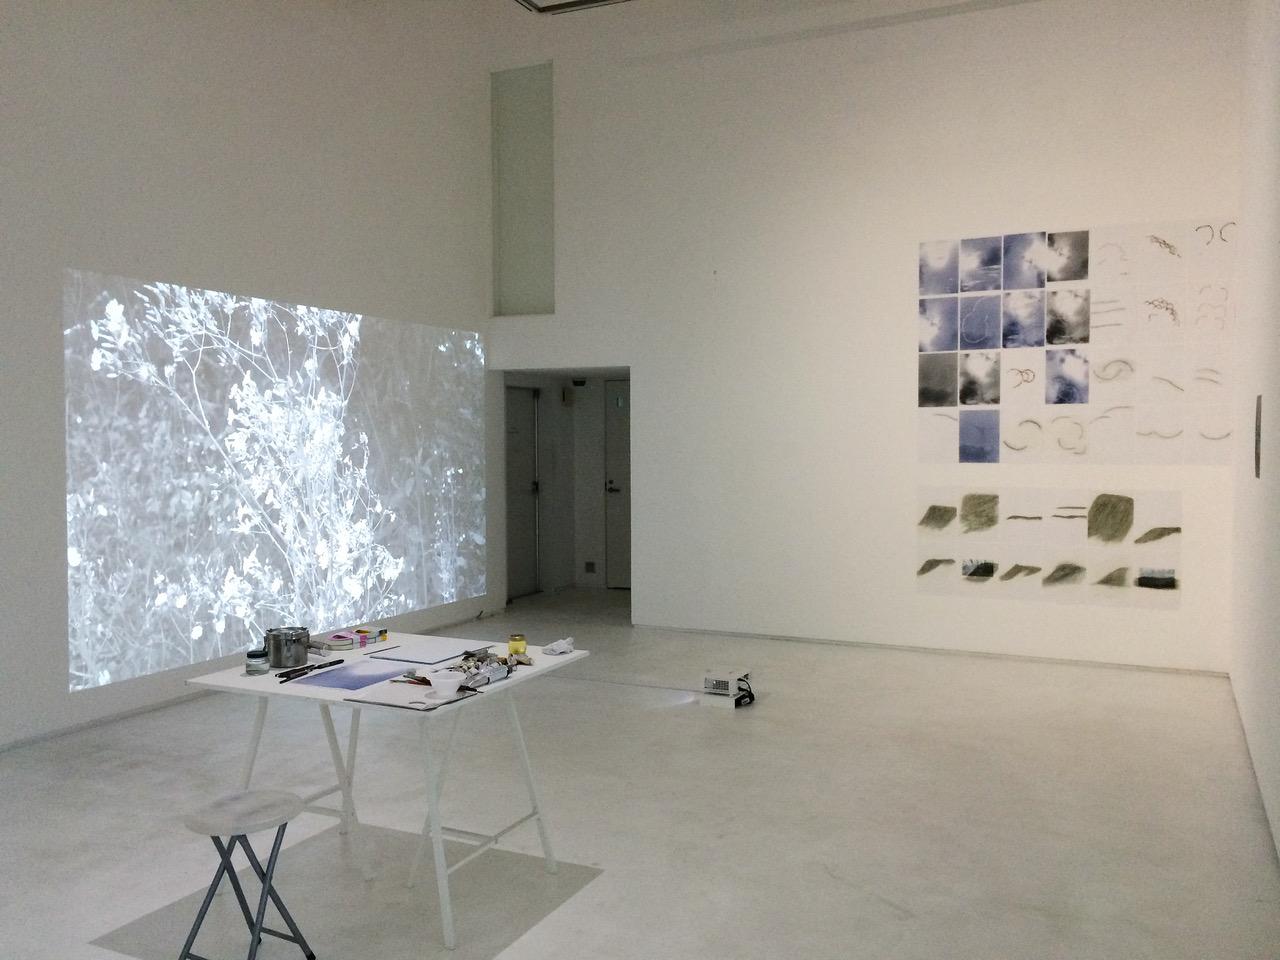 稲垣元則の個展「Atlas」がGallery Nomartにて開催。映像やドローイングなど新旧作を等価に並置し、制作・入れ替えを行いながら有機的に変化する展覧会を模索。